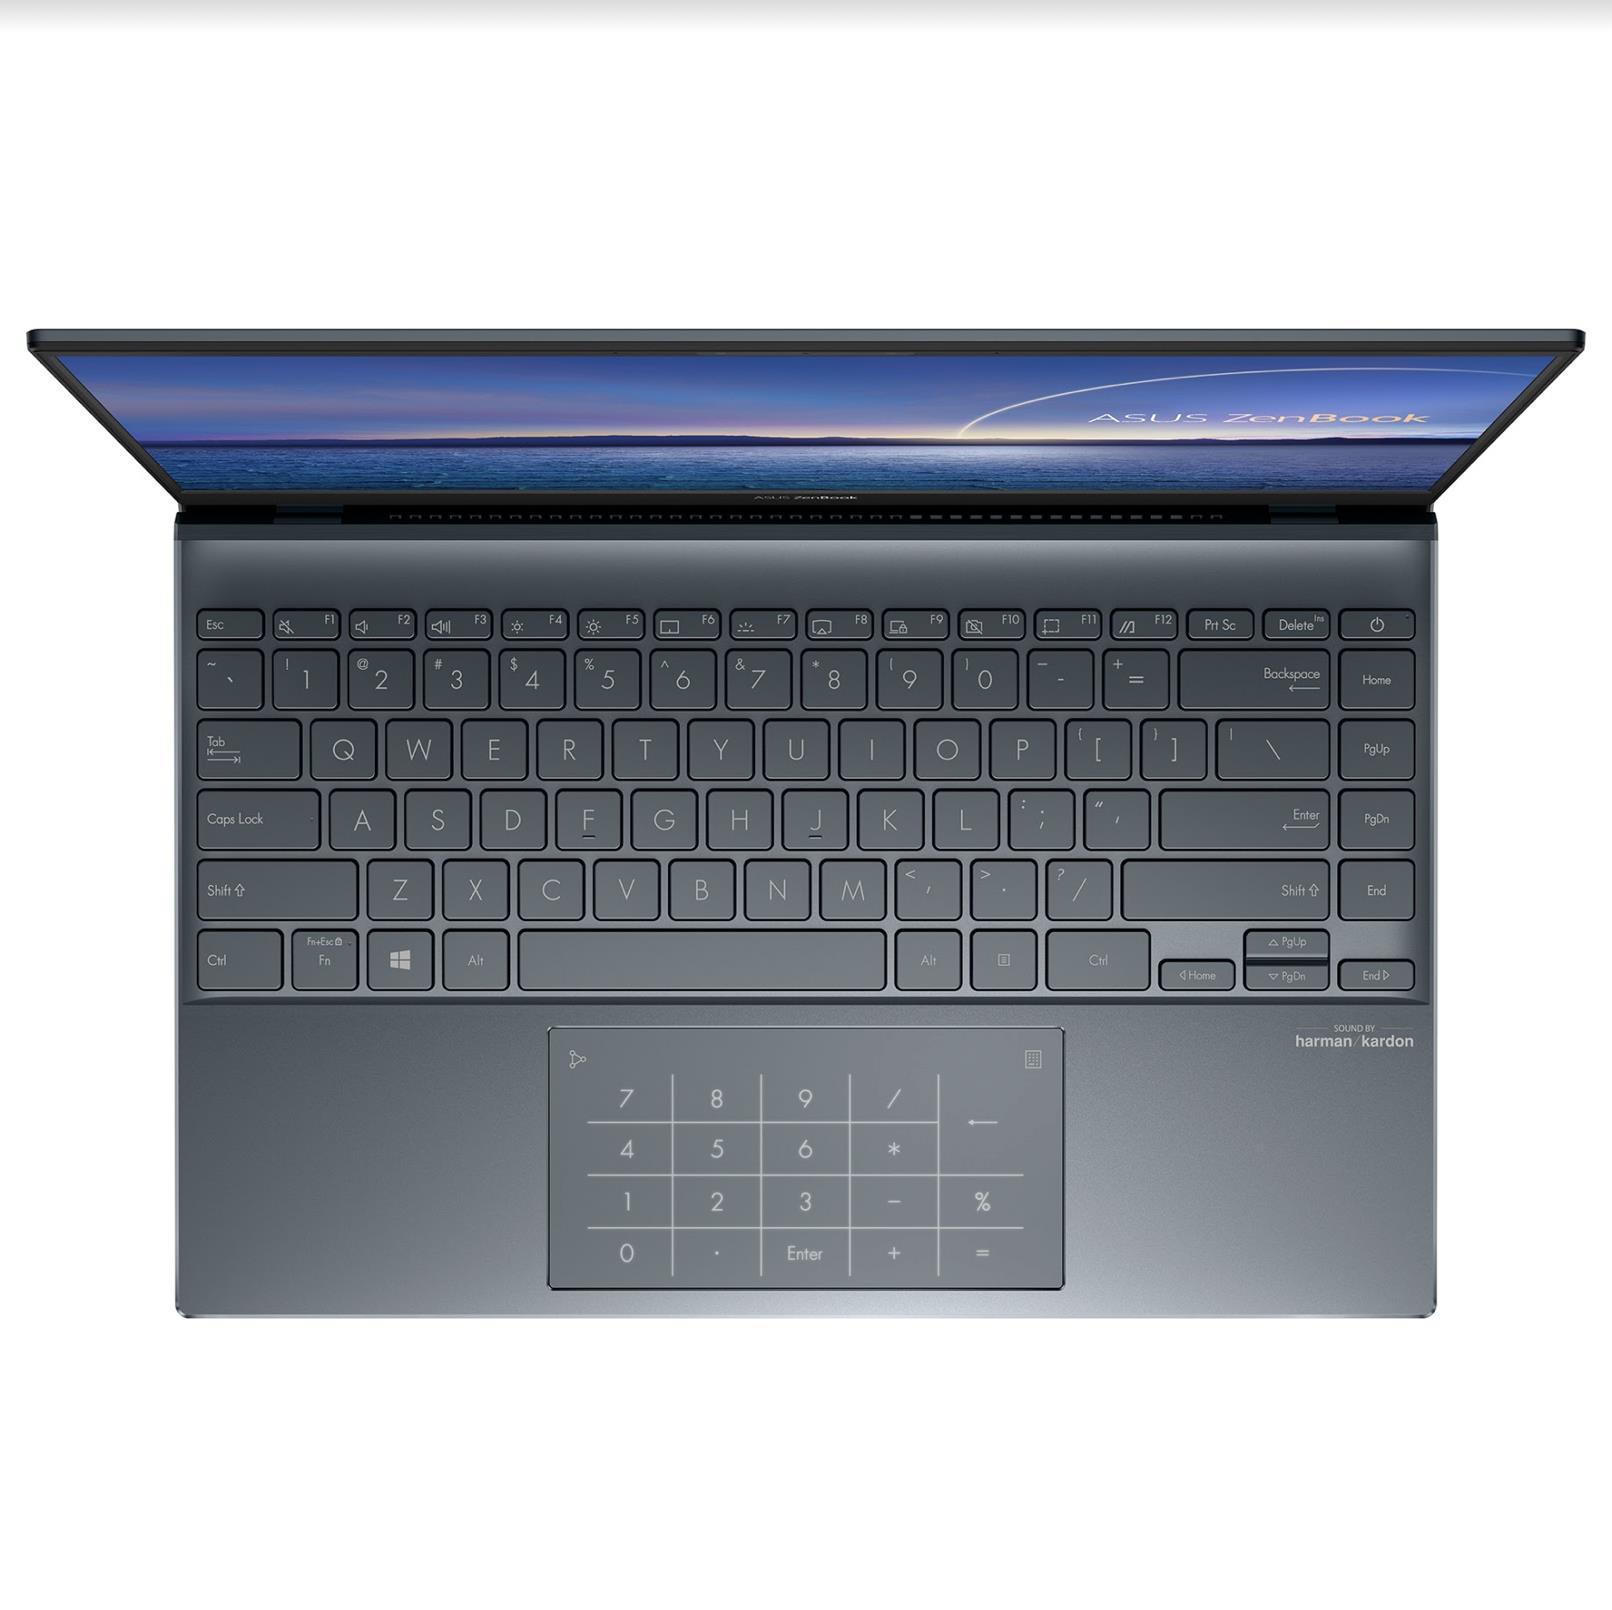 Loạt laptop siêu di động trang bị AMD Ryzen 5000 Series phù hợp với giới trẻ - Ảnh 2.